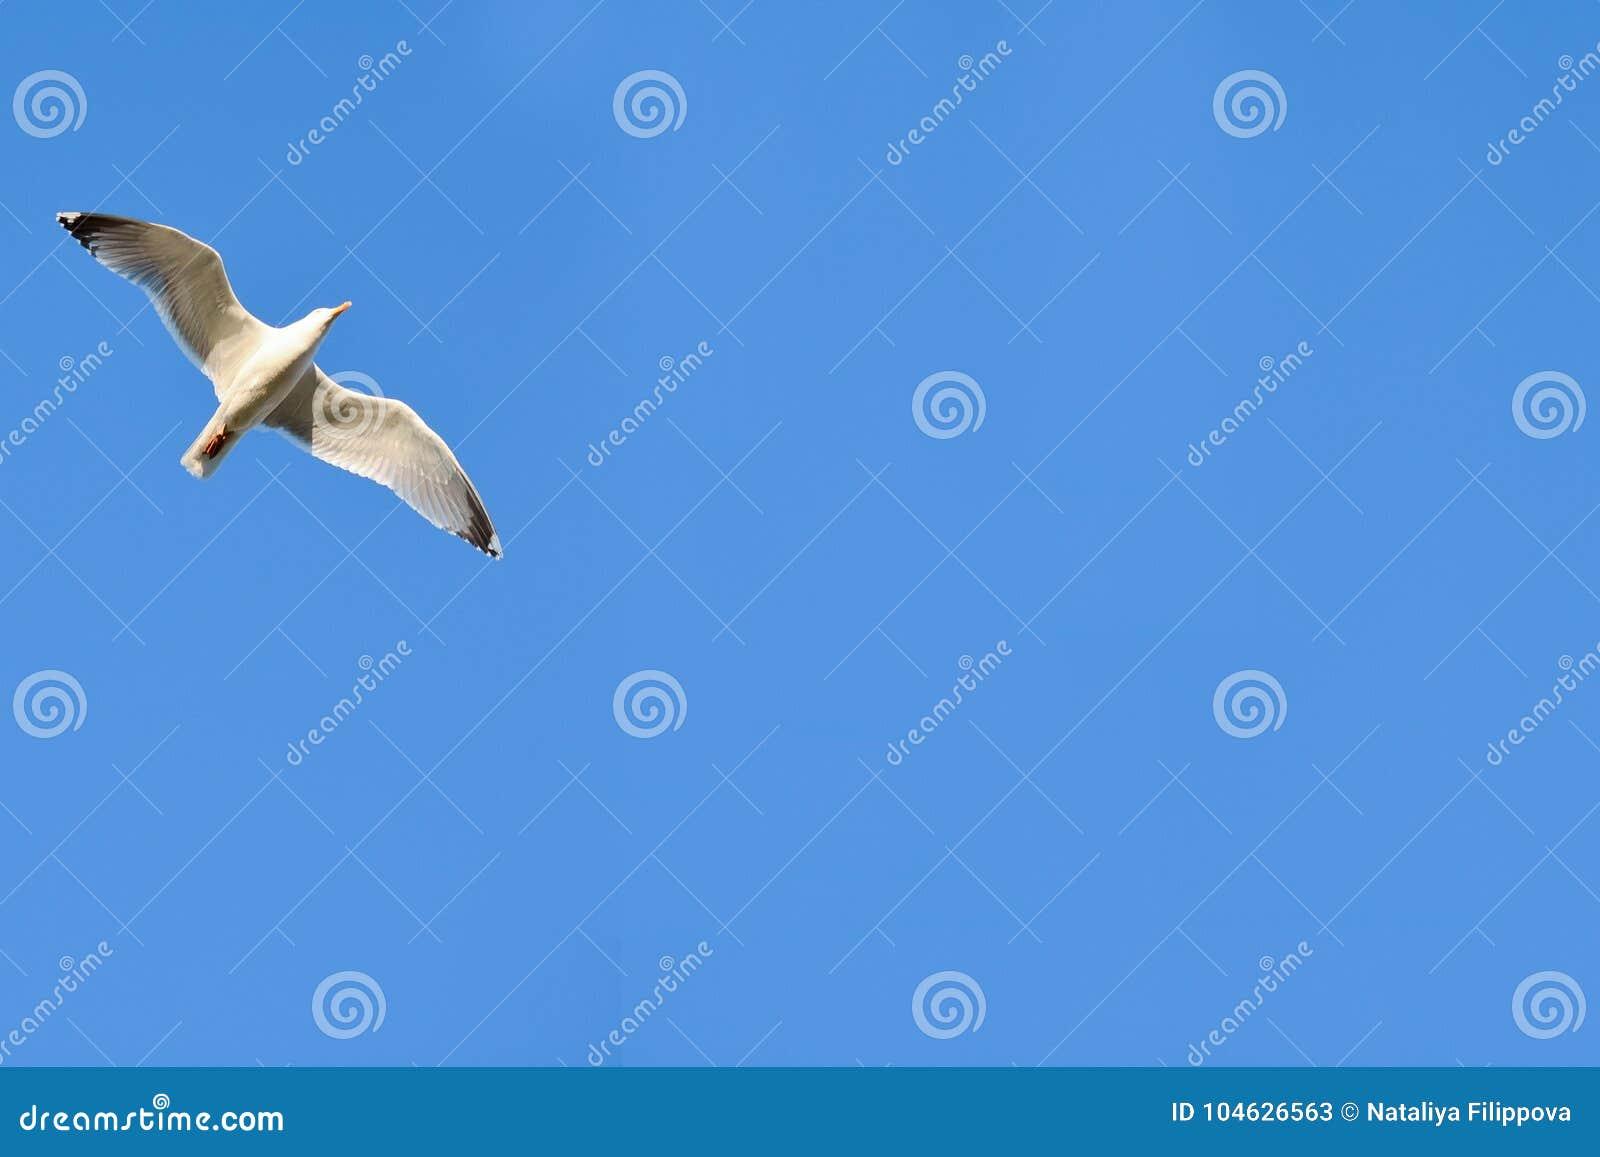 Download Zeemeeuw In De Blauwe Hemel Stock Afbeelding - Afbeelding bestaande uit lucht, vlucht: 104626563